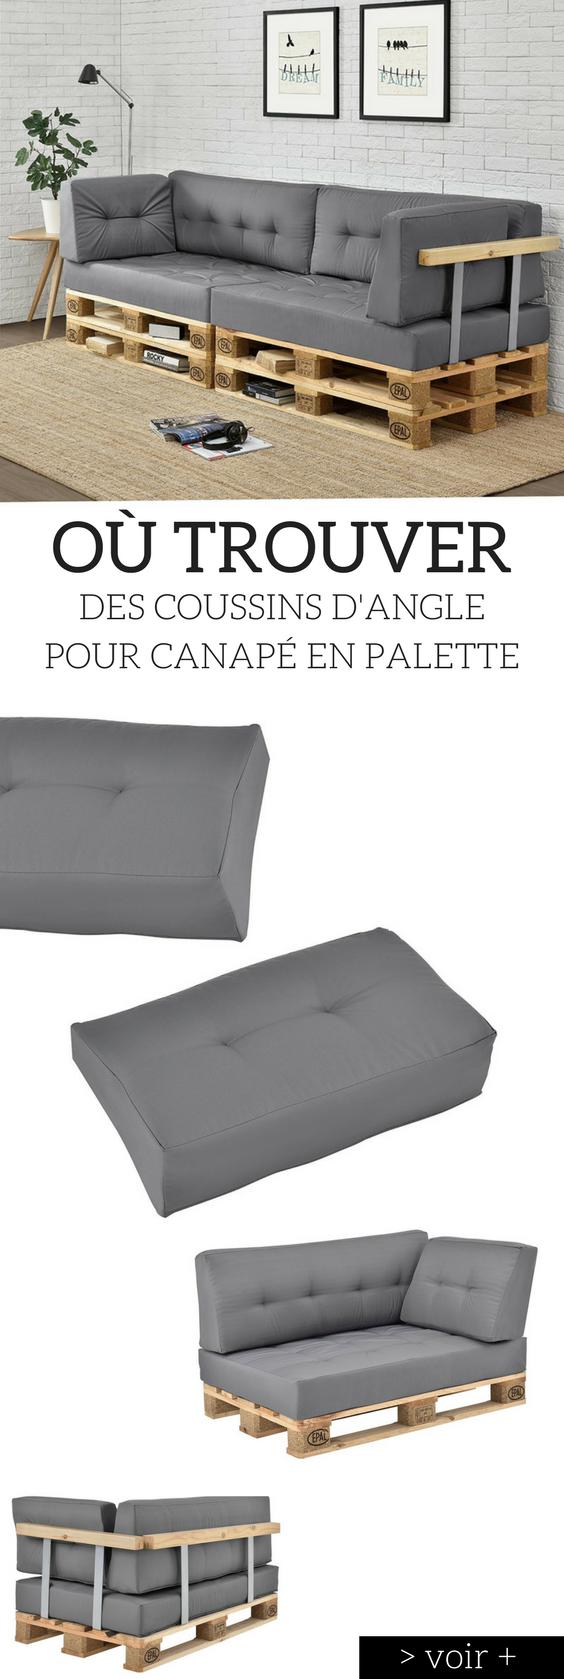 Coussin Palette : Guide d\'Achat 2019 (+ Bons Plans) | Vos ...